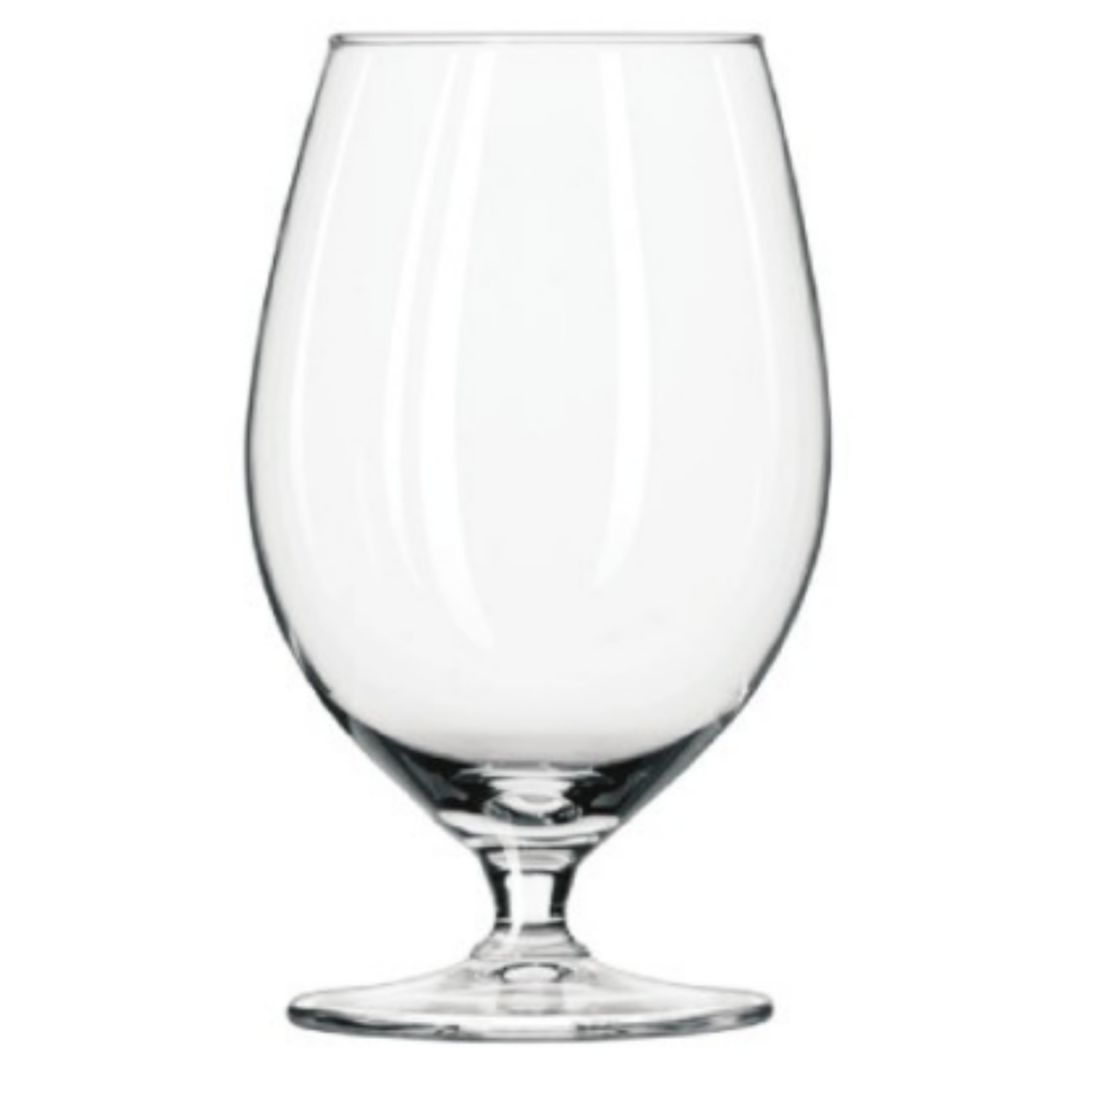 Allure sklenička na pivo 41 cl